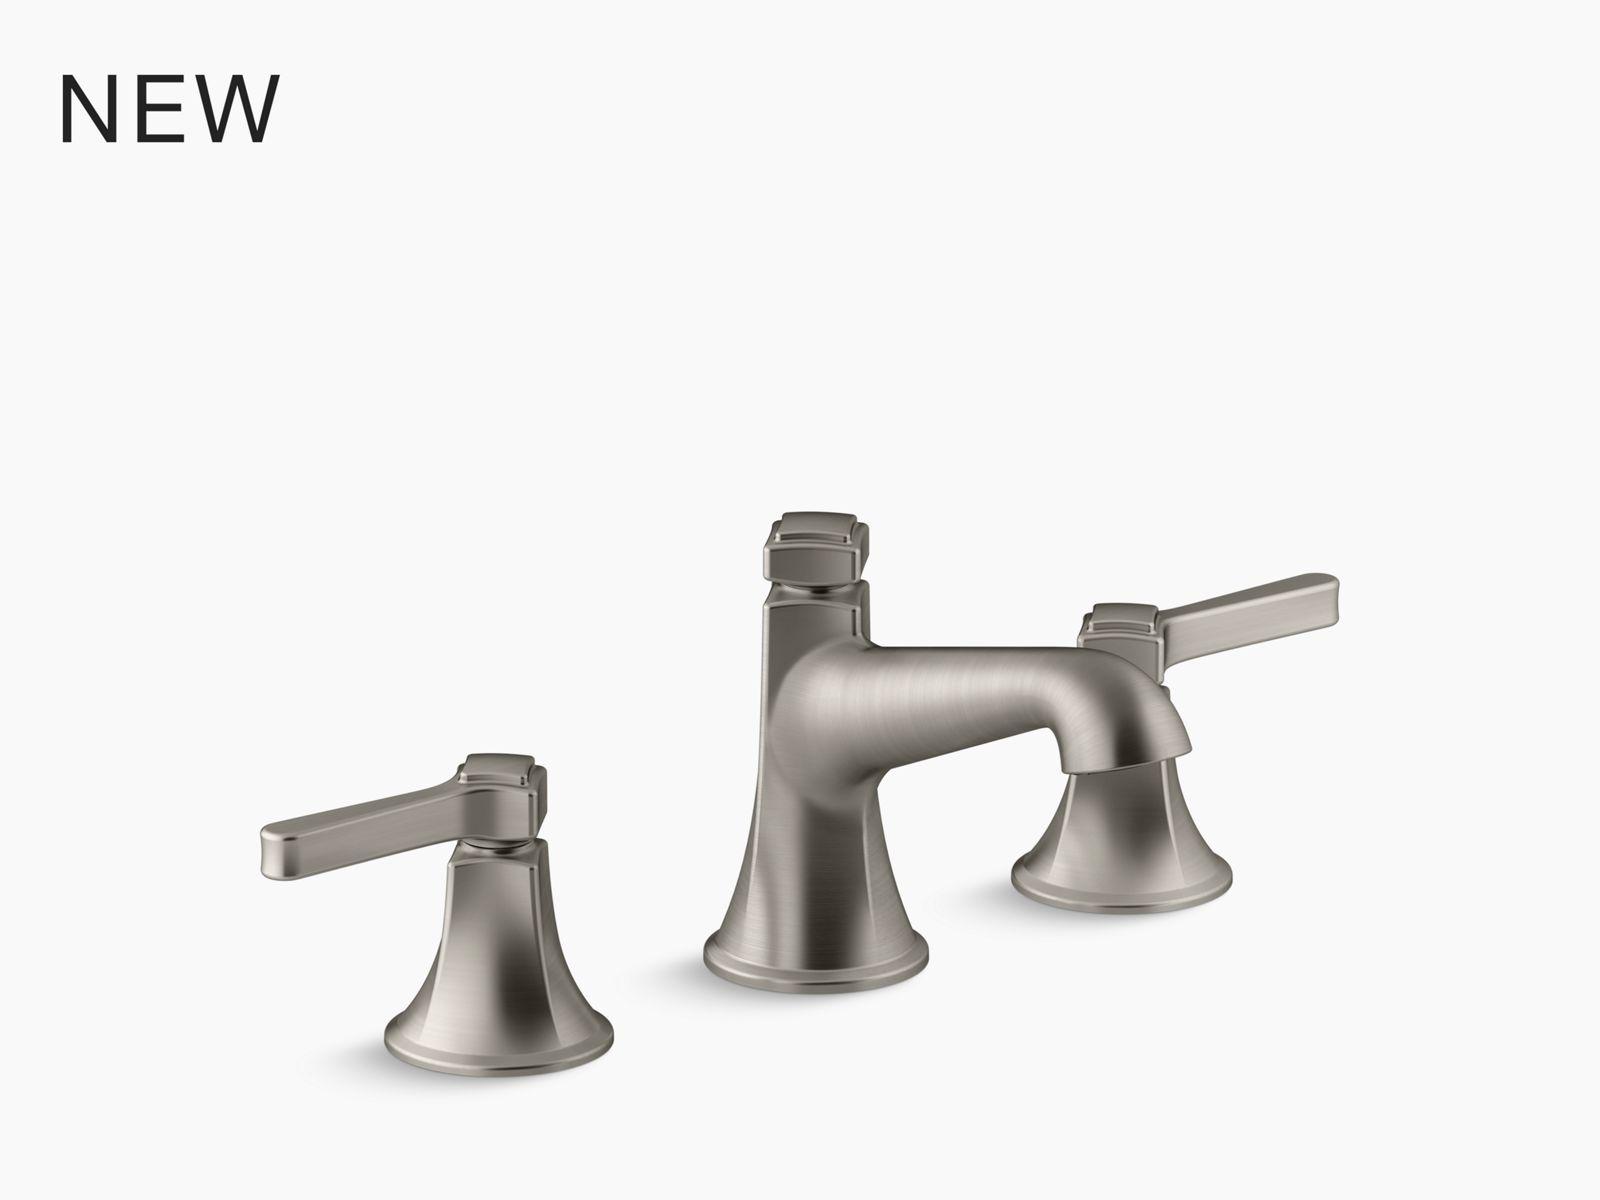 kitchen faucet 74053t 4 kohler